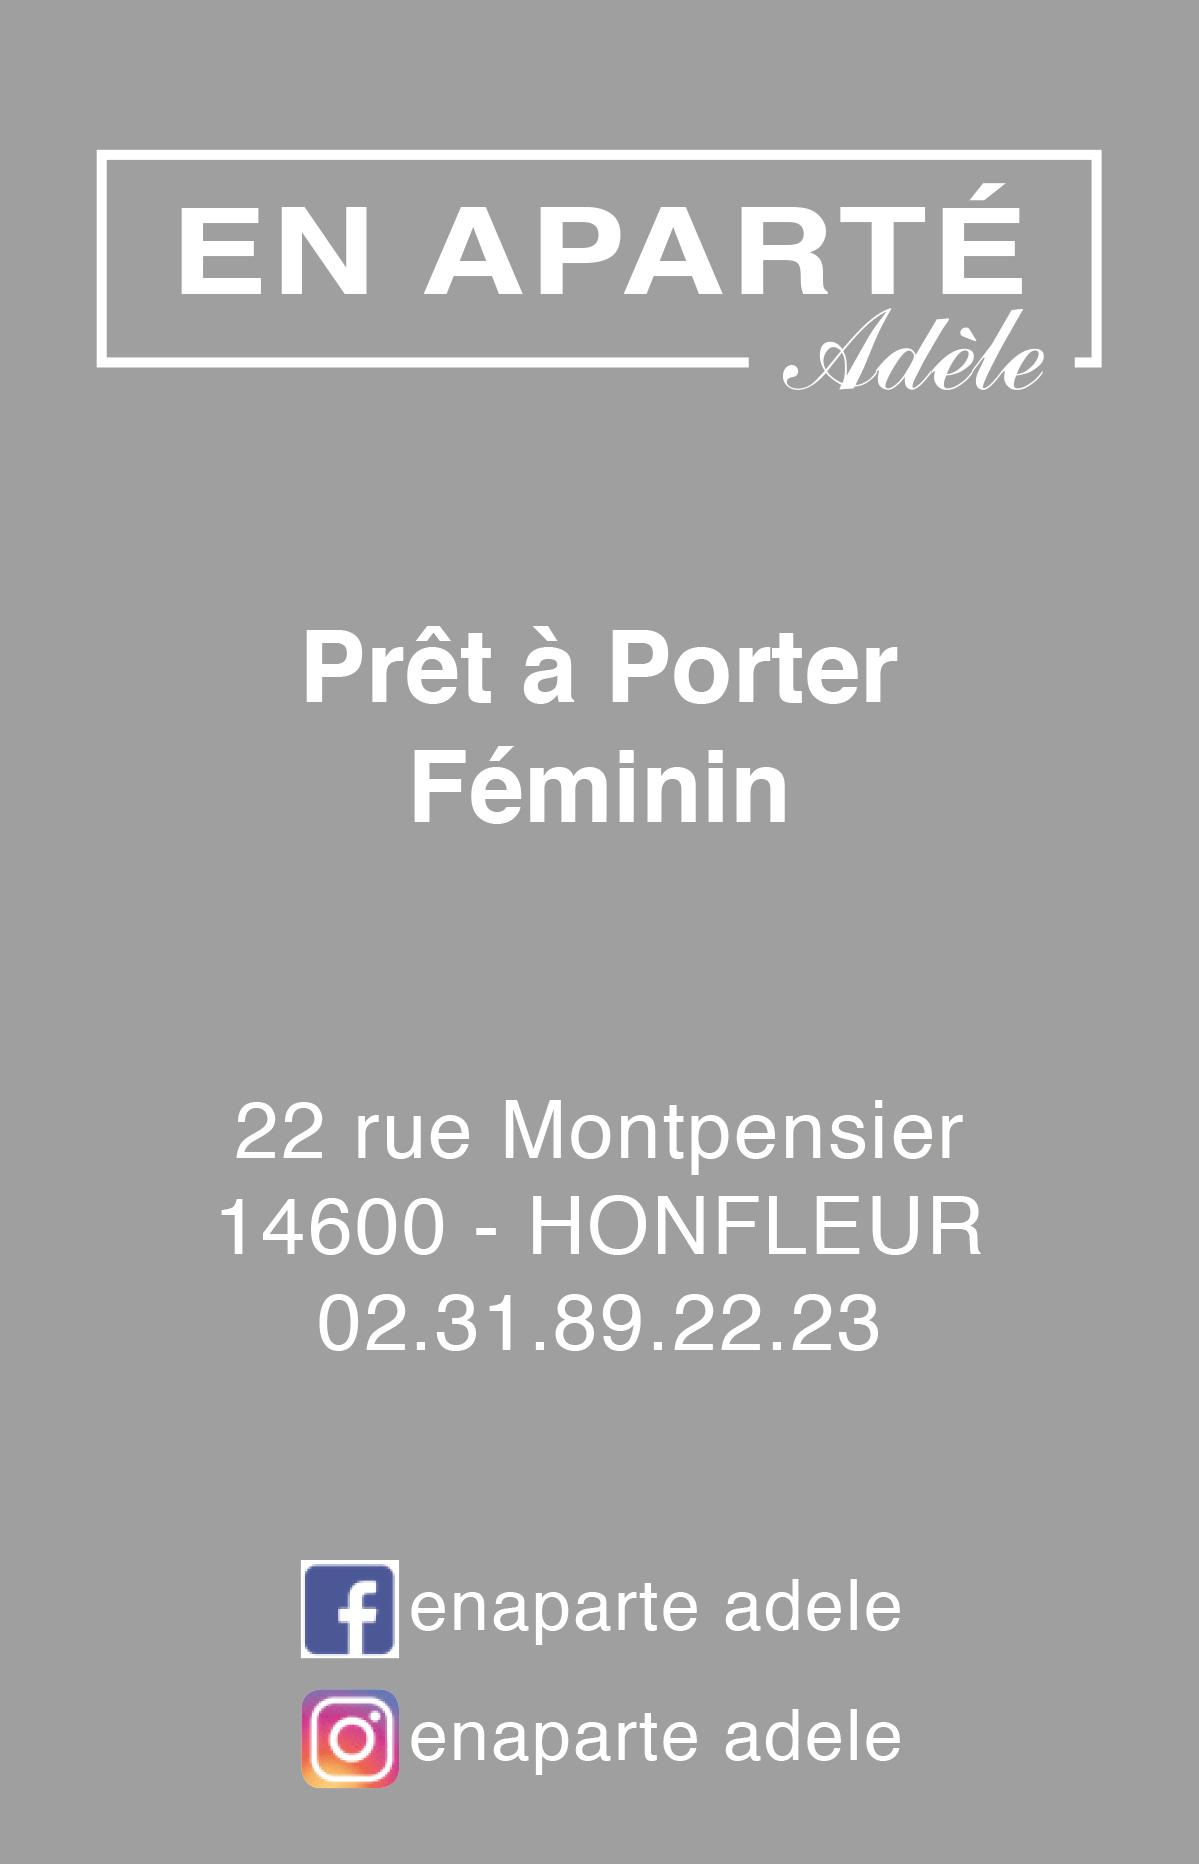 27_-_En_Aparté